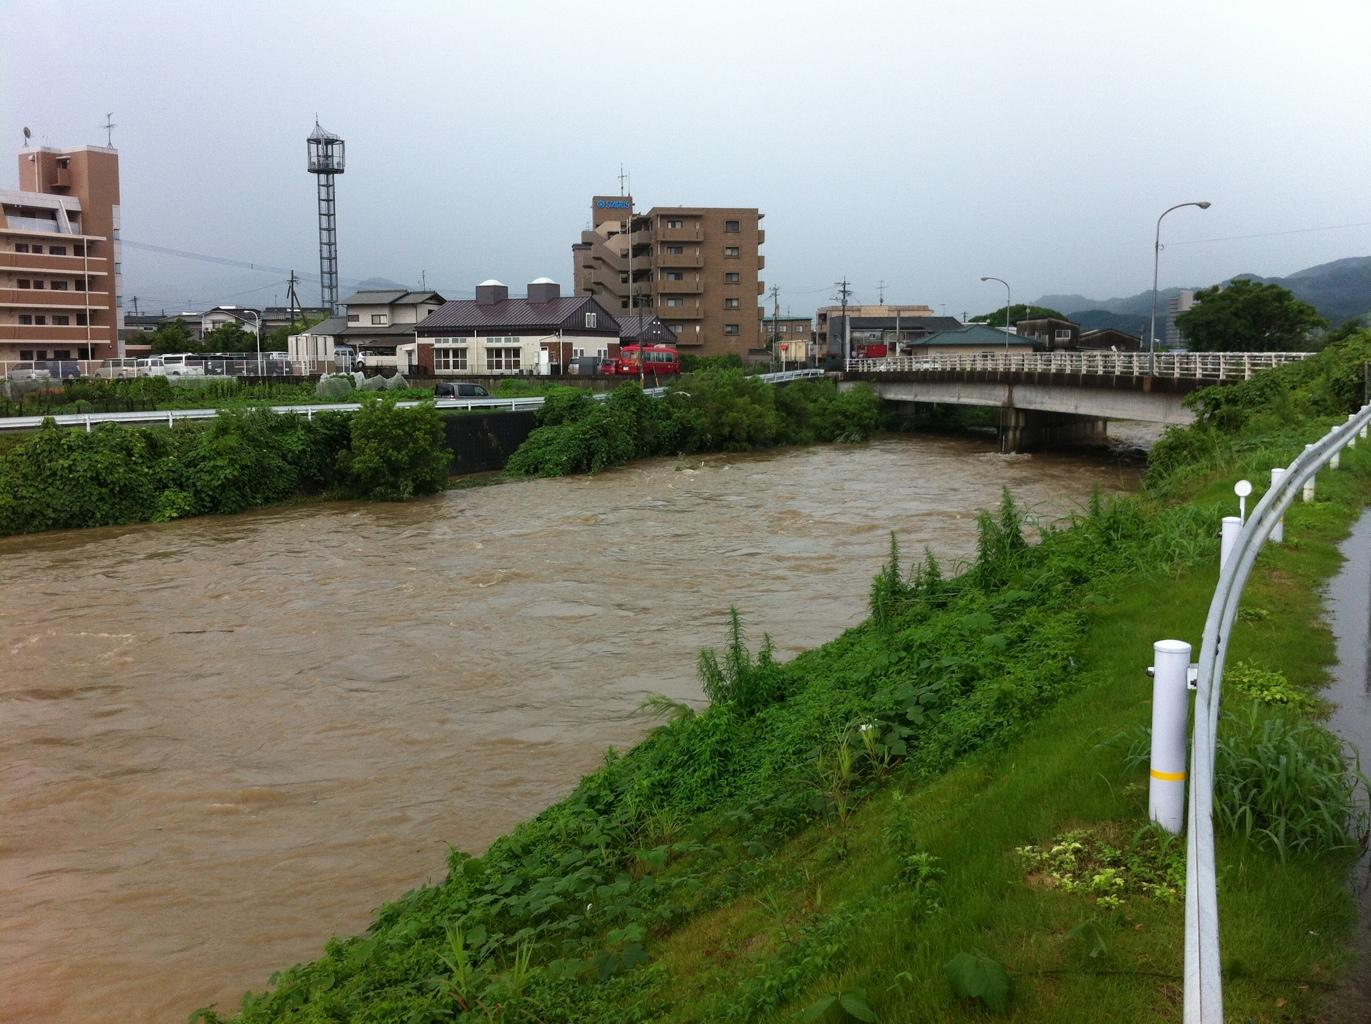 ふえるときは増える:梅雨の終わりの那珂川